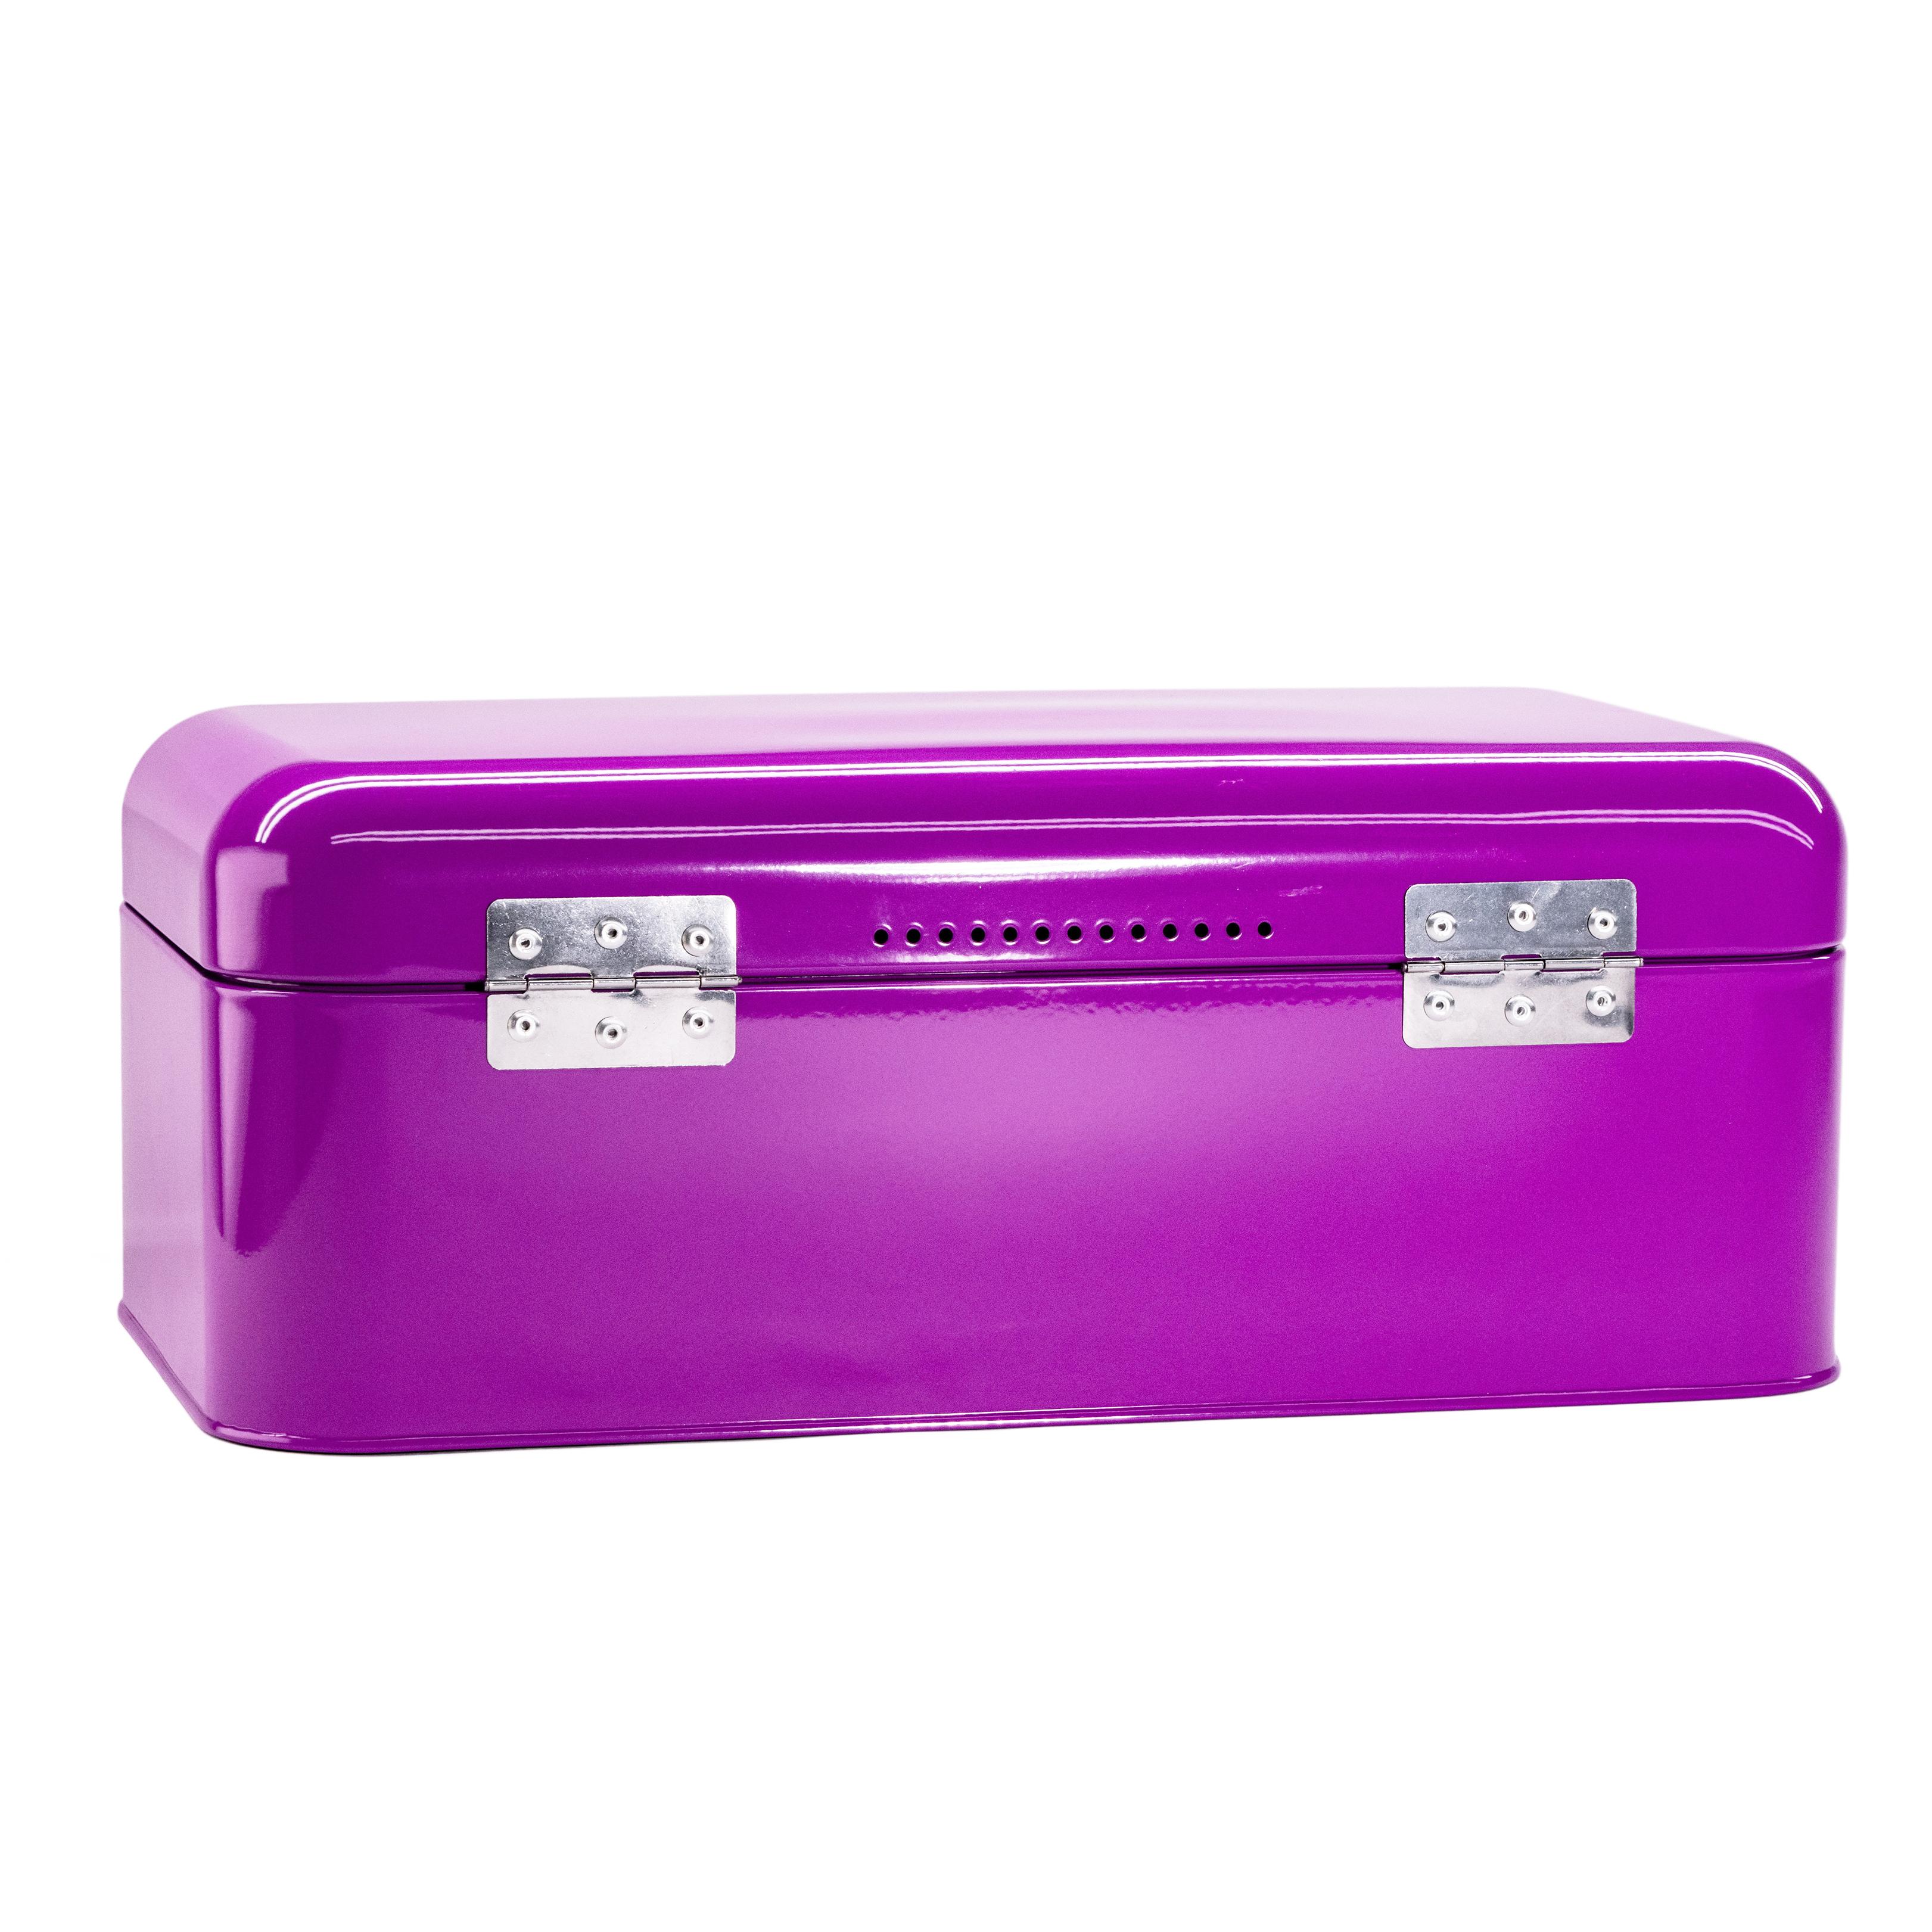 Purple Bread Bin Storage